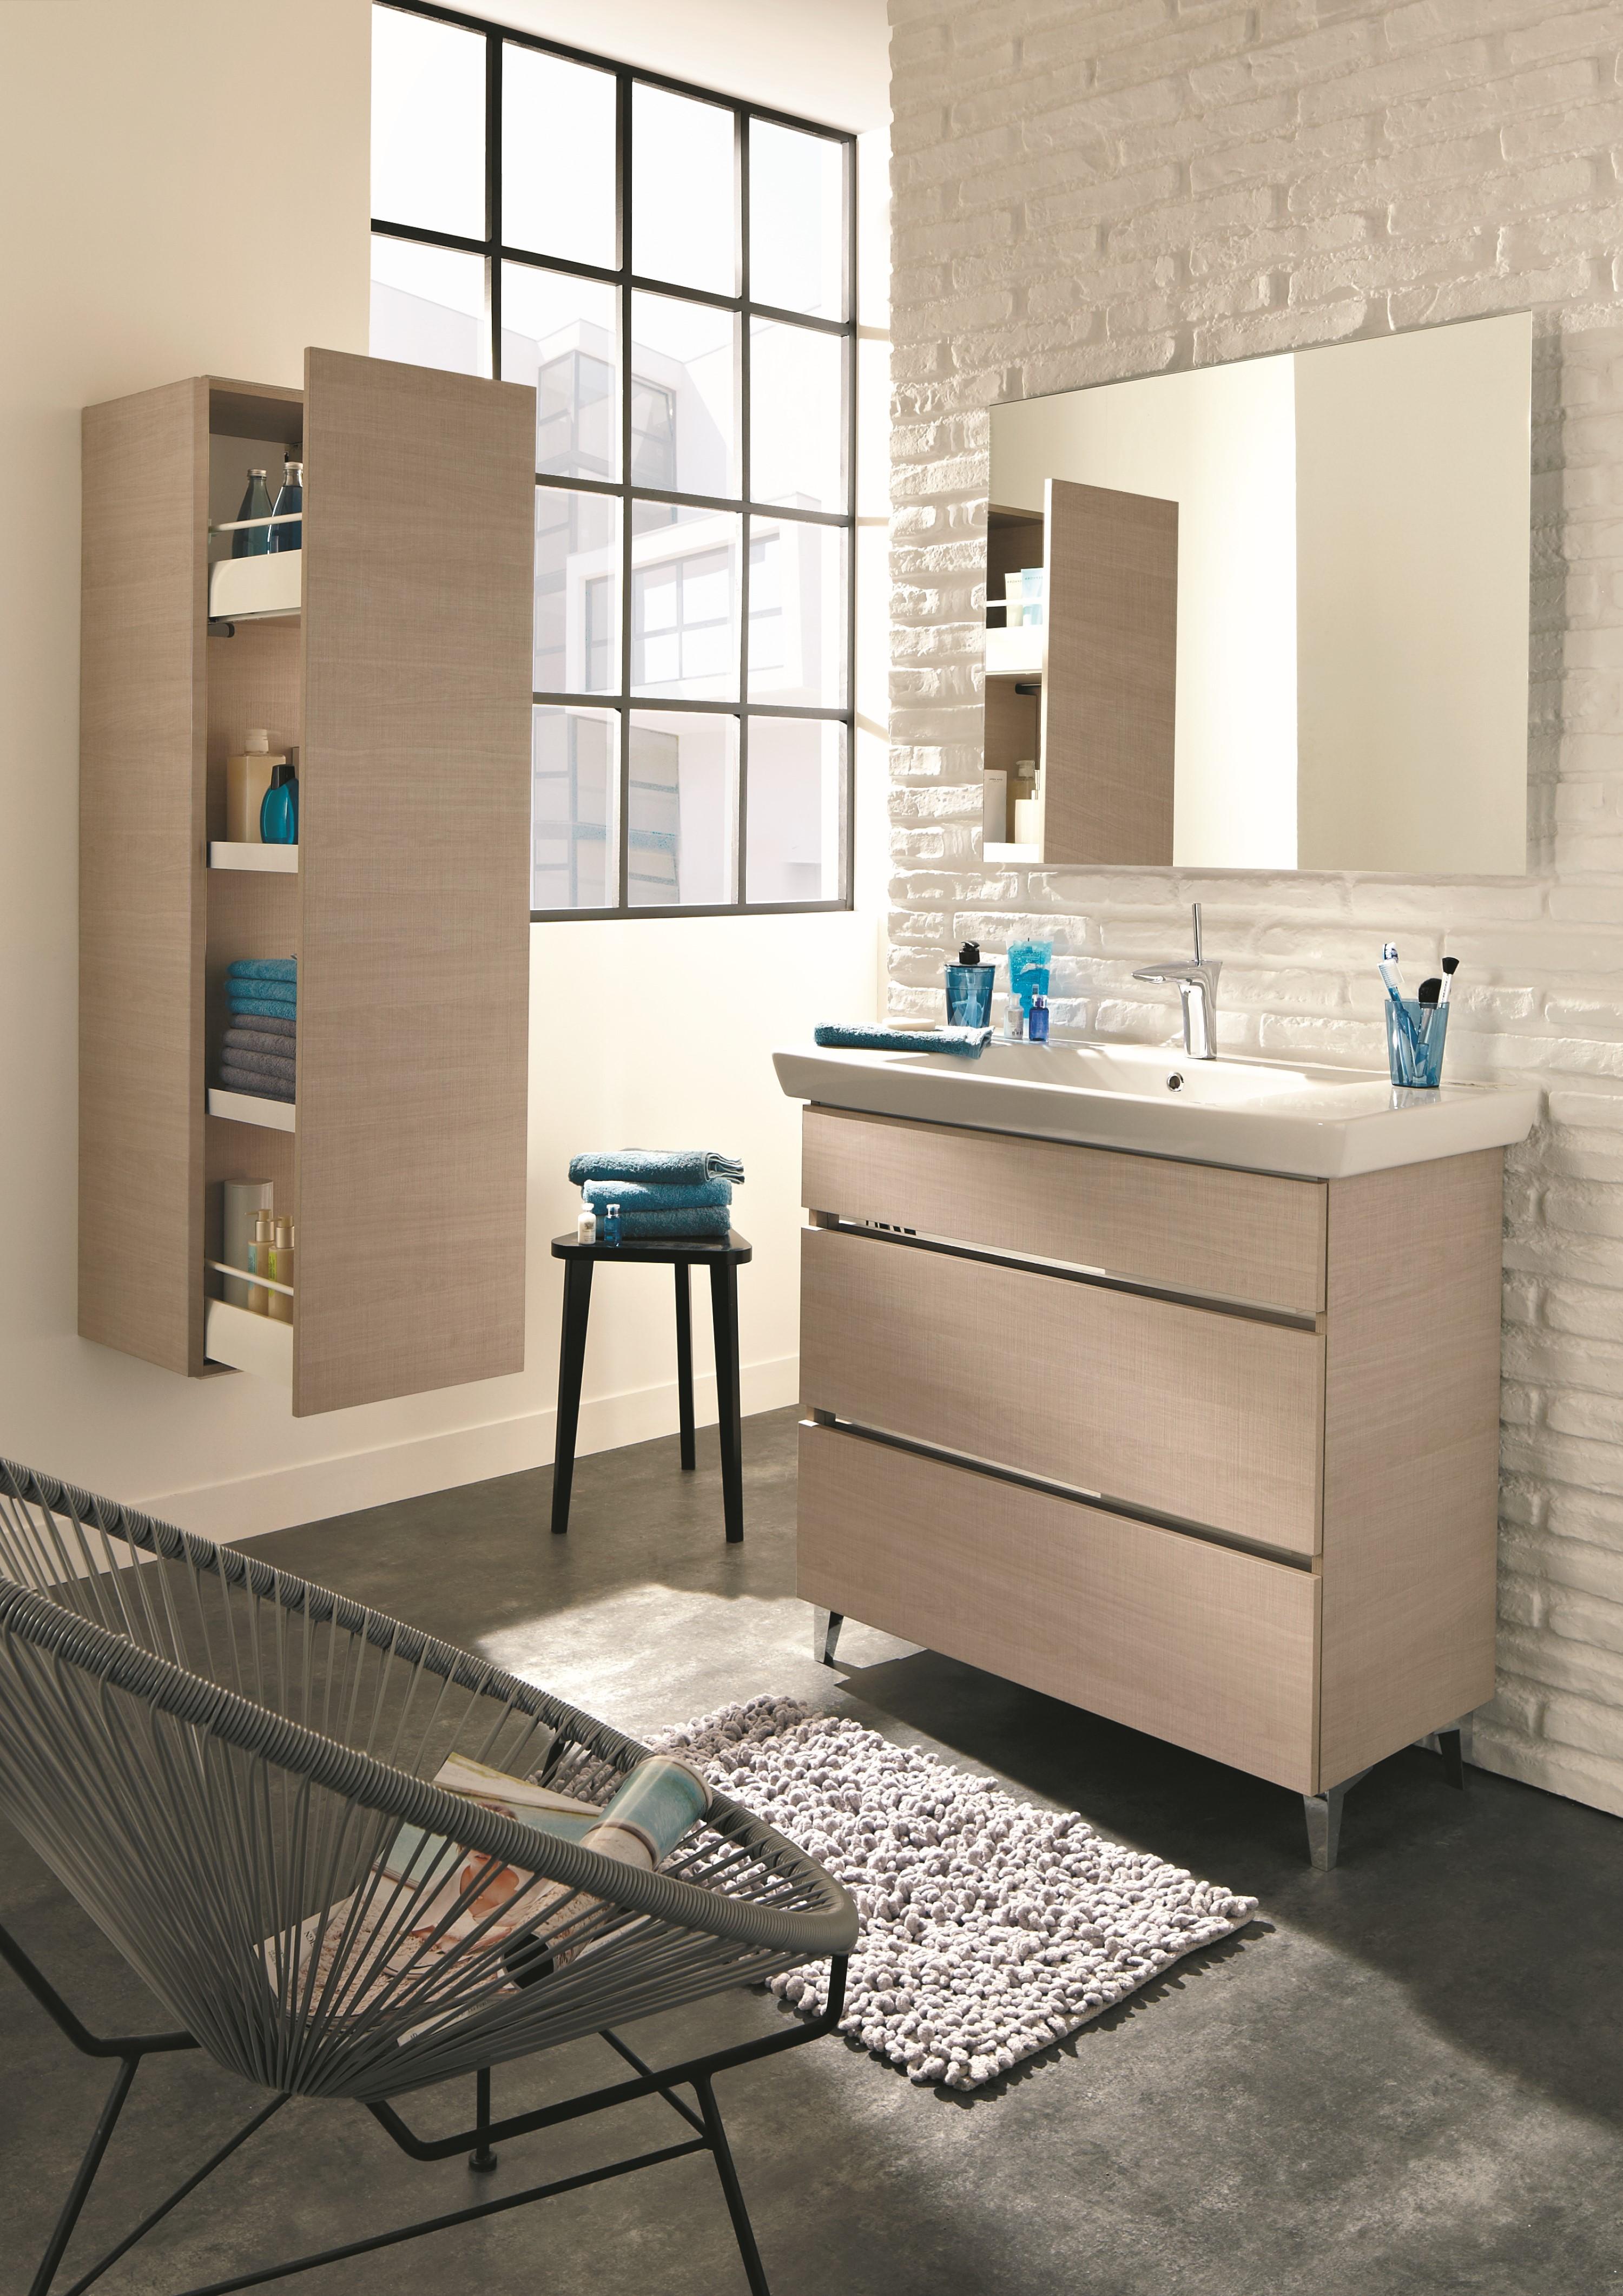 Accueil salle de bain lido - Meuble de salle de bain lido ...